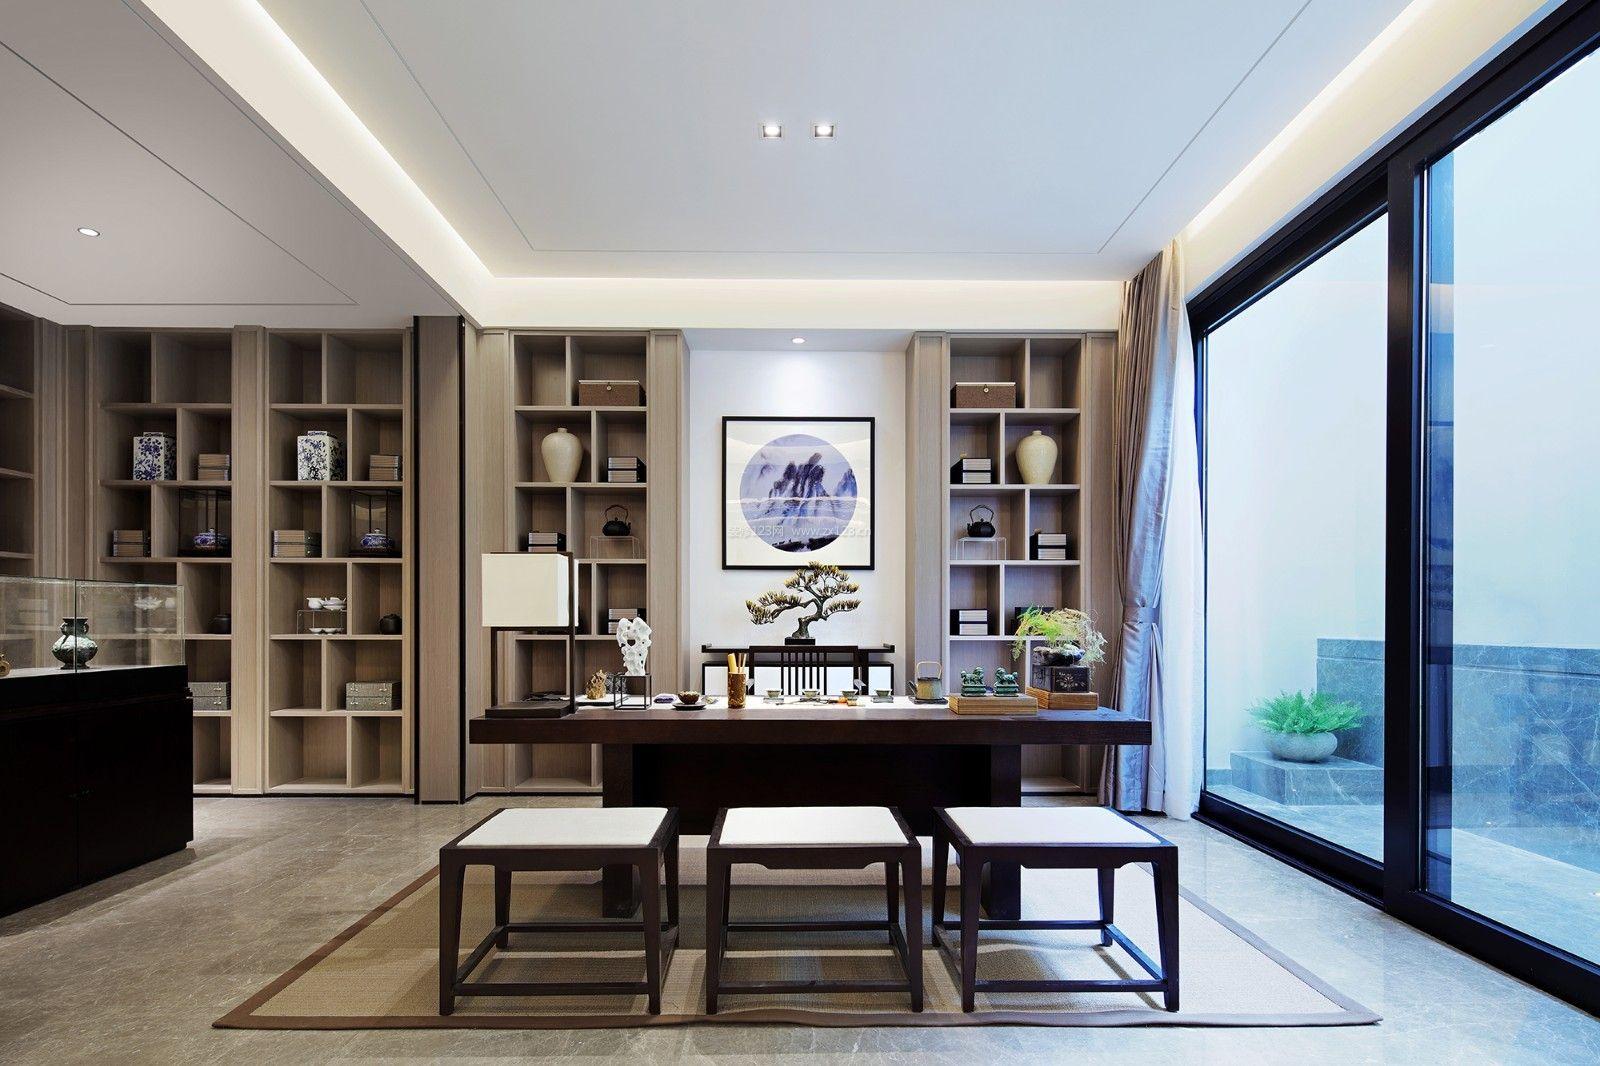 新中式别墅室内书桌书柜装修设计图片